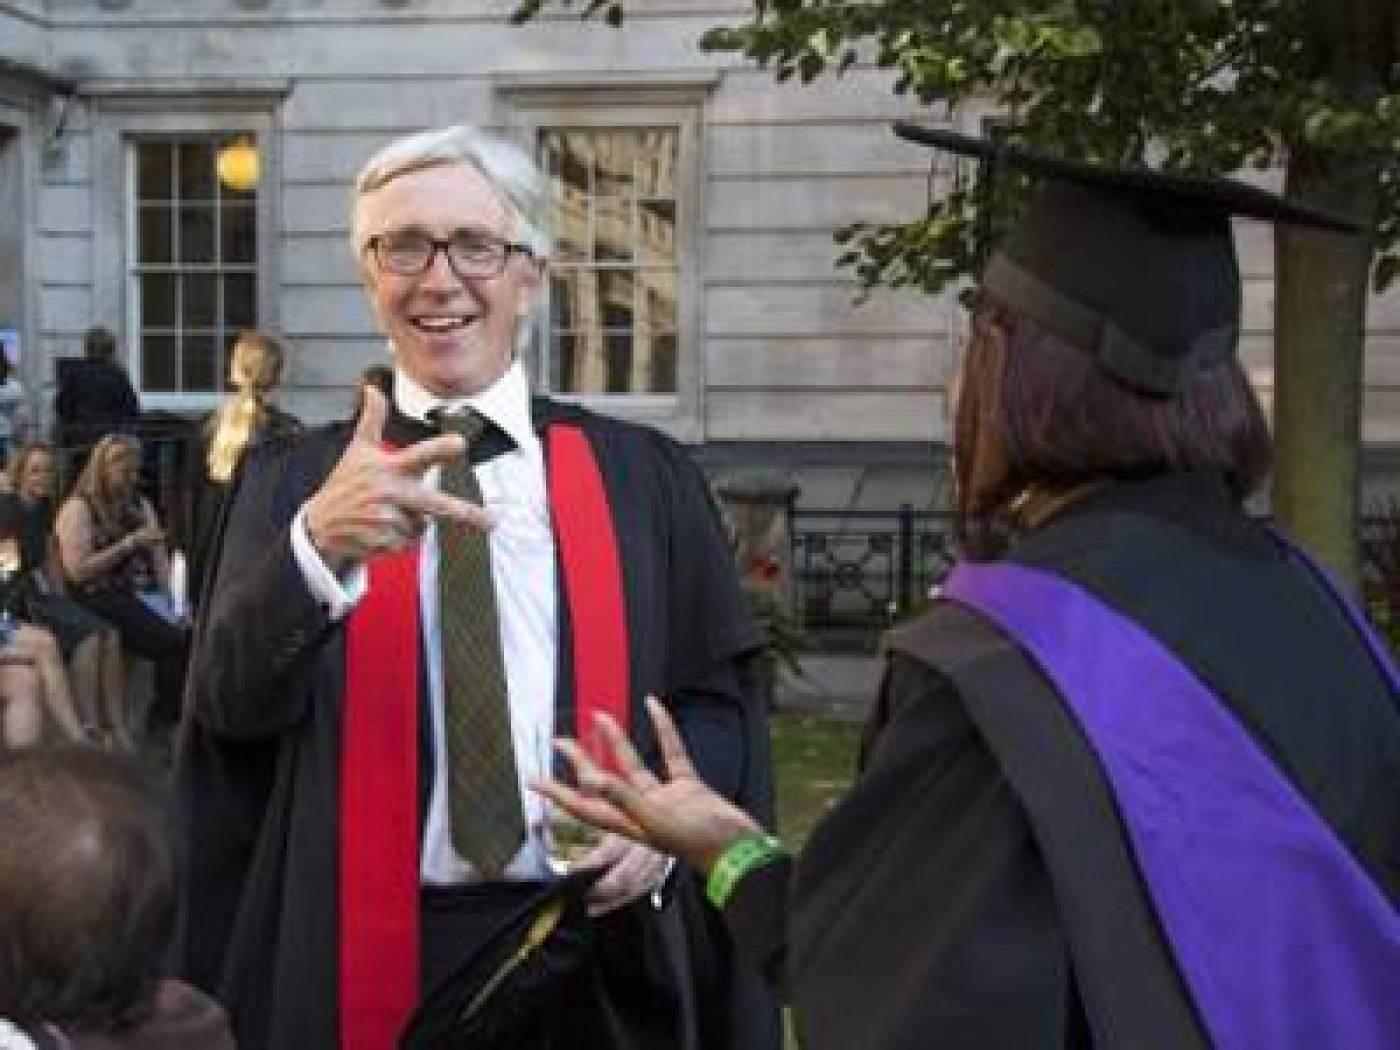 John Mullan at Graduation